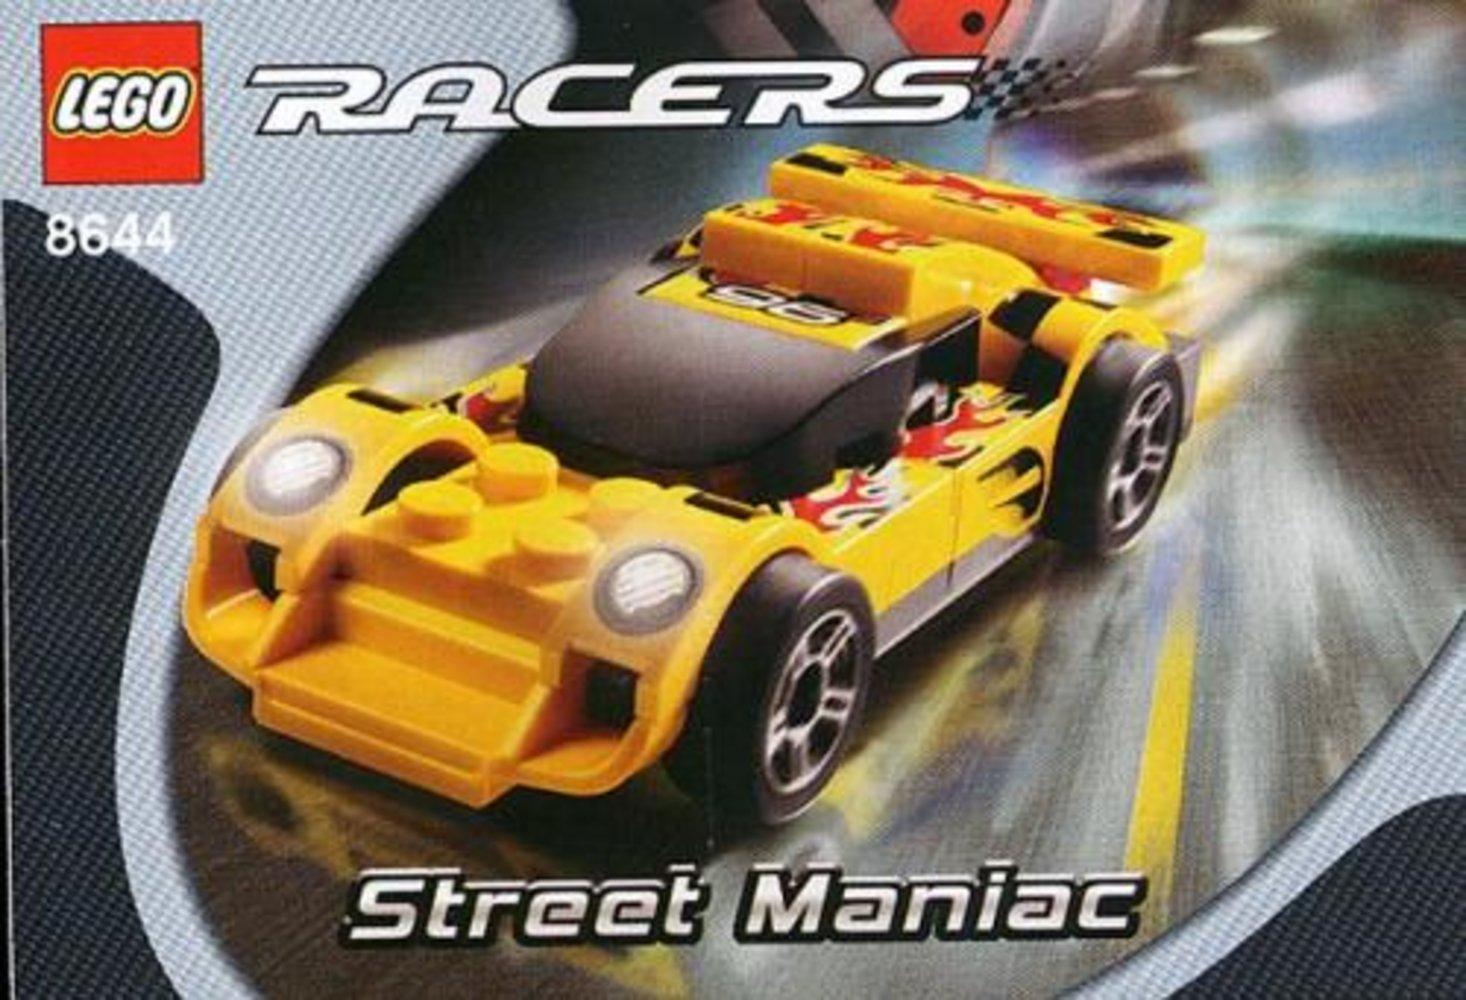 Street Maniac